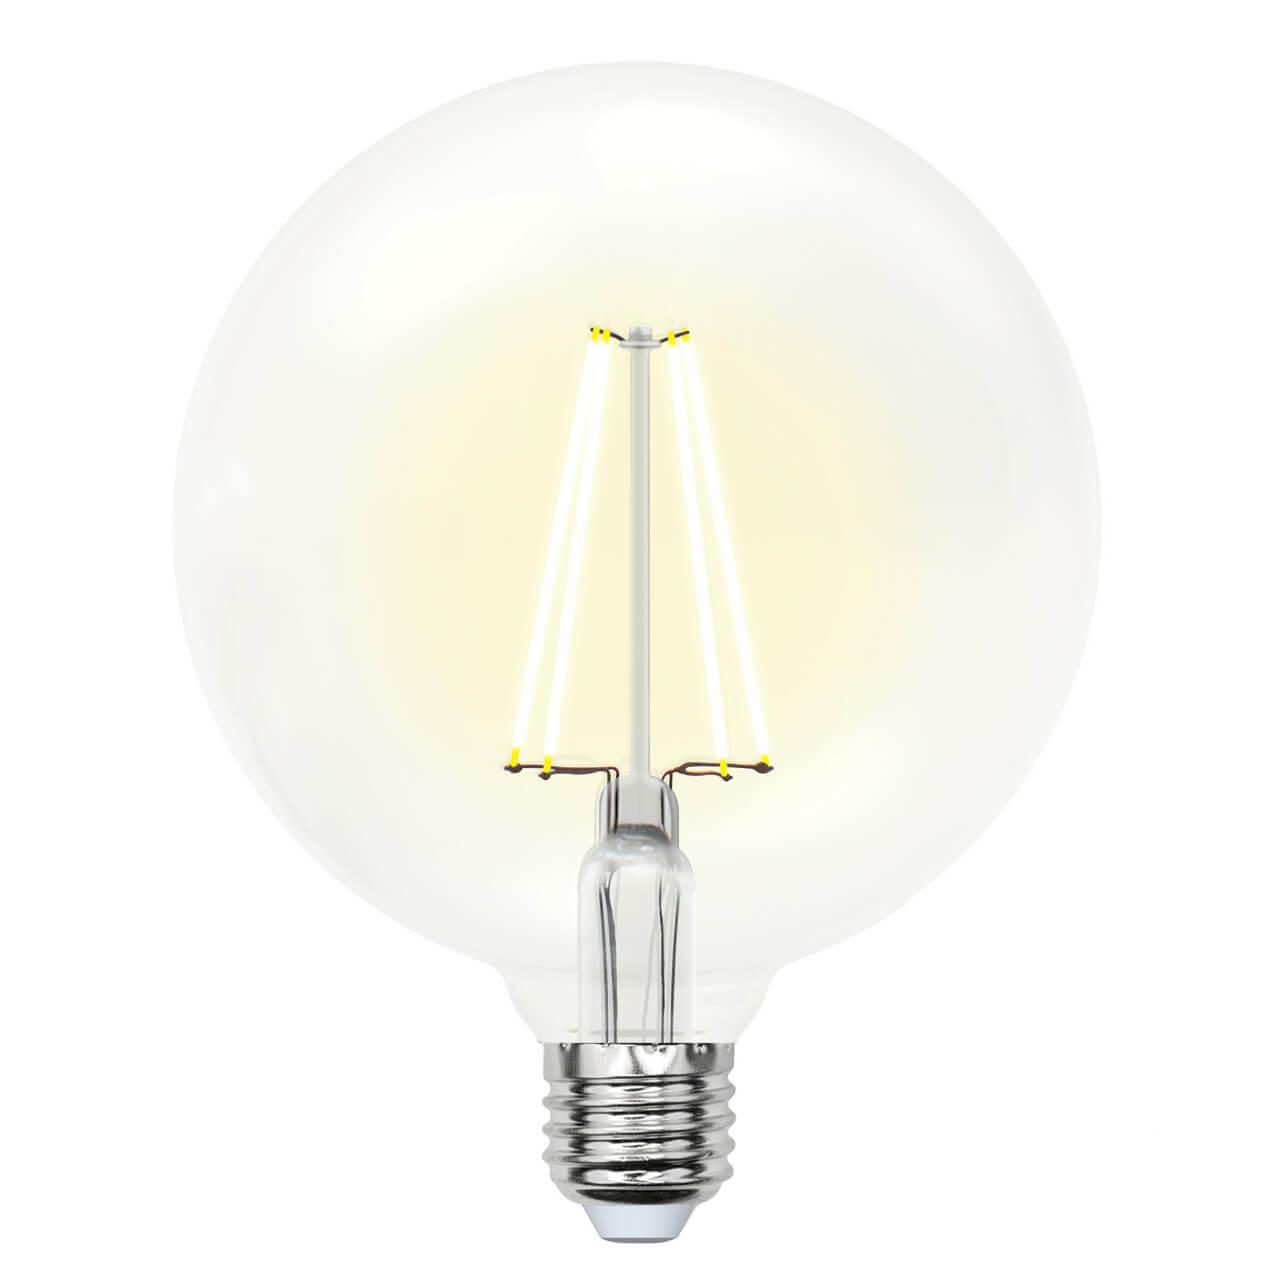 Фото - Лампочка Uniel LED-G125-10W/WW/E27/CL PLS02WH SKY Globe лампочка uniel led a60 10w ww e27 cl pls02wh sky